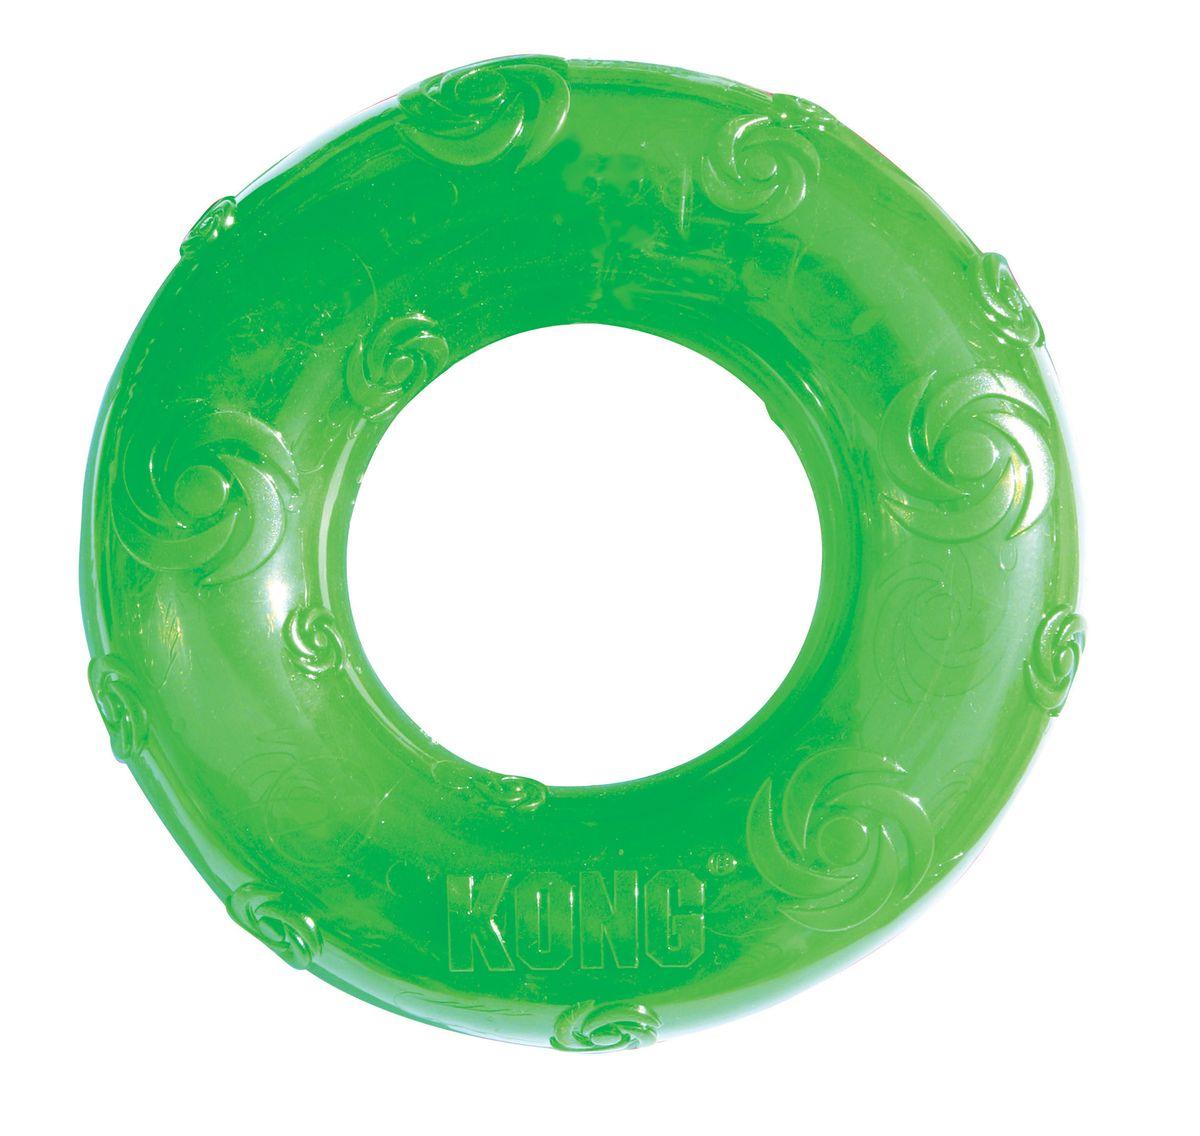 Игрушка для собак Kong Сквиз Кольцо, большое, резиновое с пищалкой игрушка для собак ziver осел длинноухий с пищалкой цвет голубой 18 см